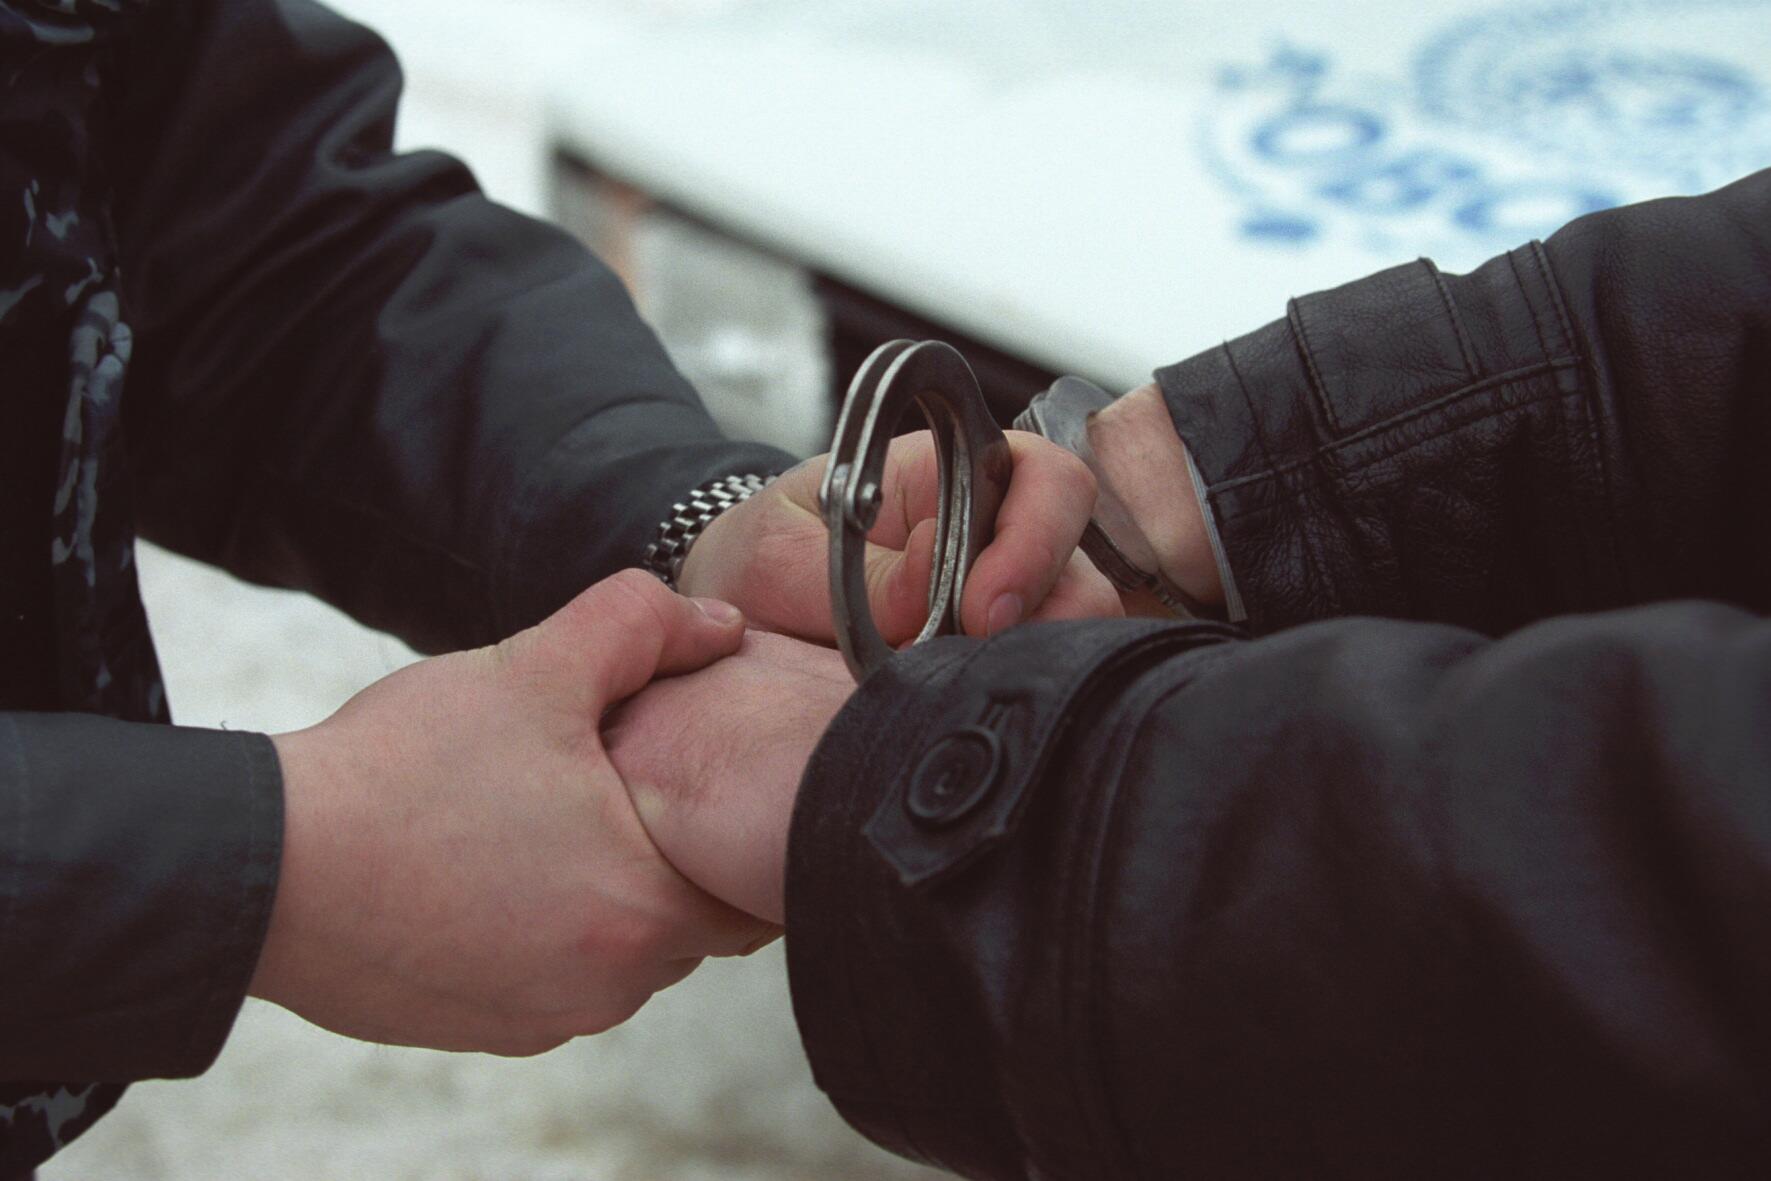 16-річний житель Перечина замість телефону продав старе взуття